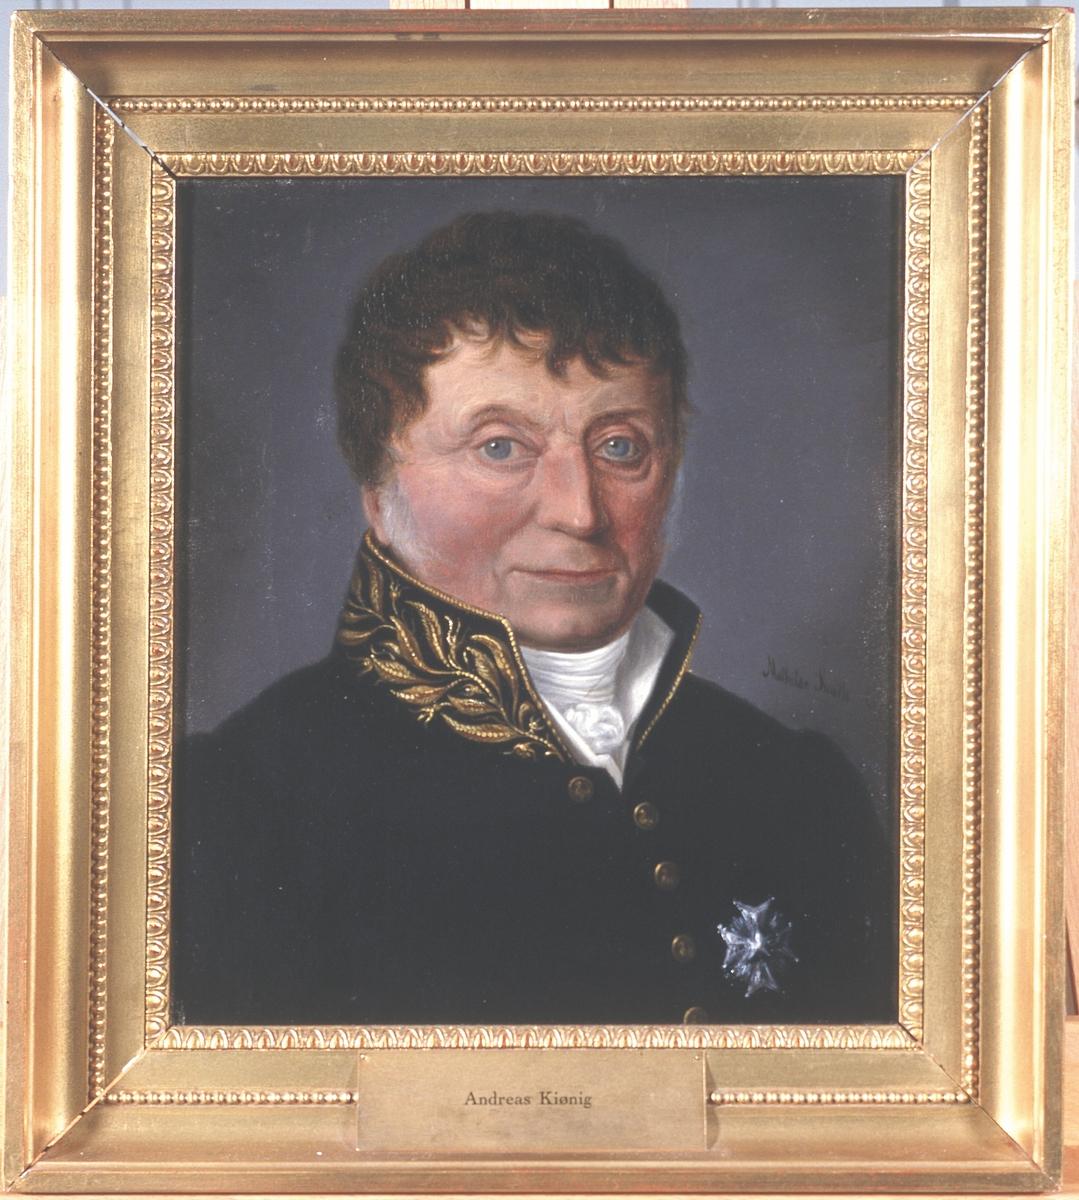 Portrett av Andreas Kiønig. Mørk uniform, orden festet på brystet.  Fra kommentar på Digitalt Museum: Krasjan (stjerne) for Kommandør med store korset av Nordstjerneordnen.